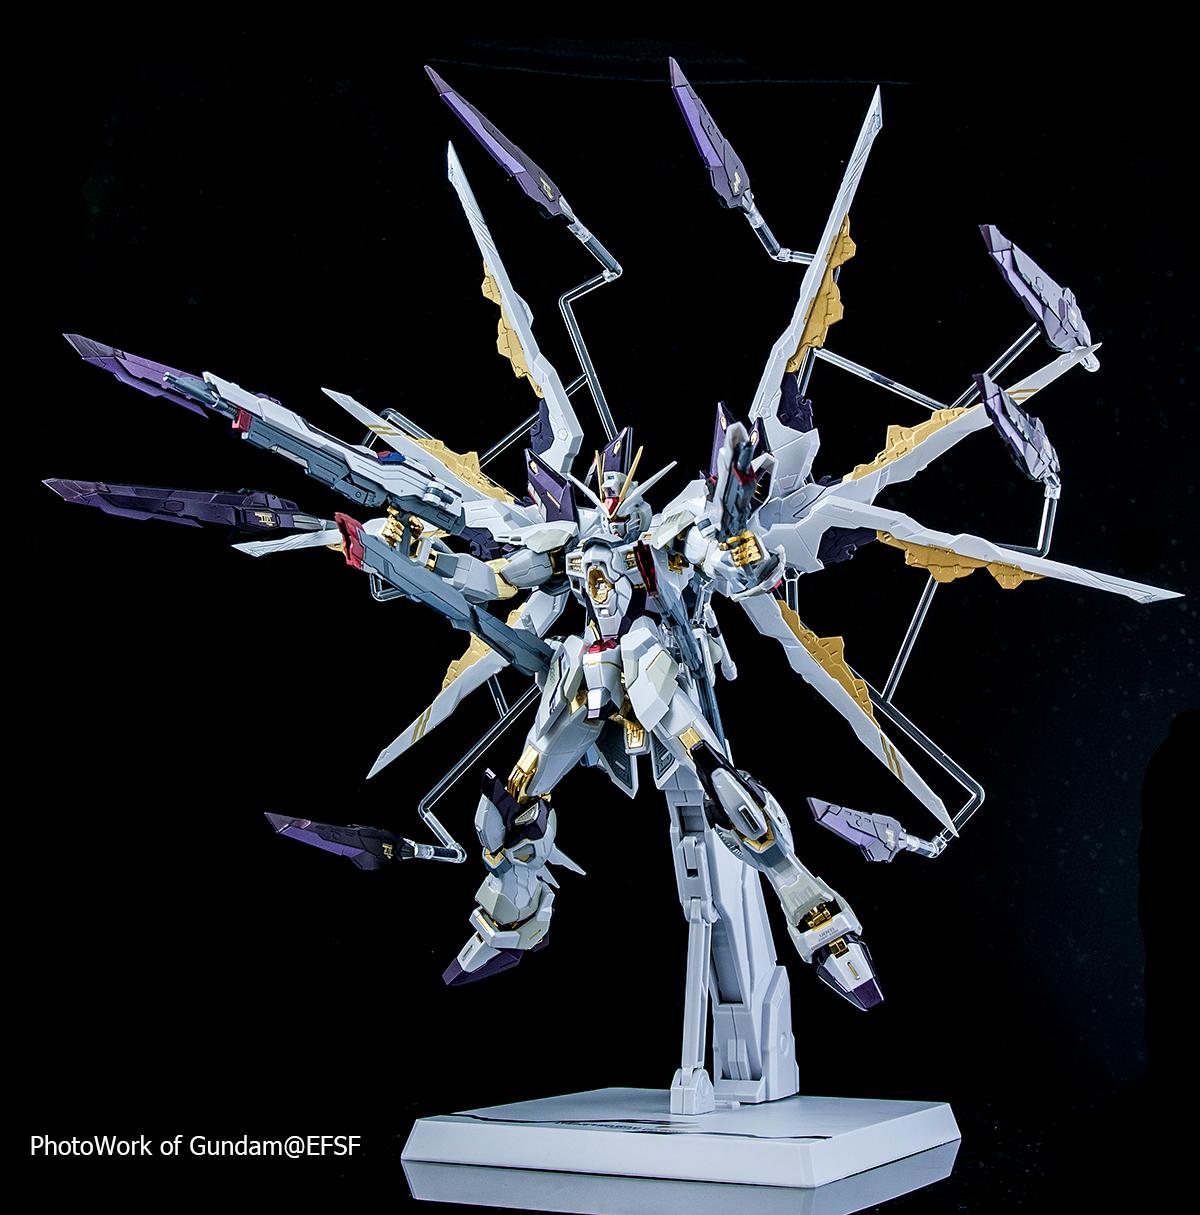 Gundam - Page 82 Zyo7Ga3h_o